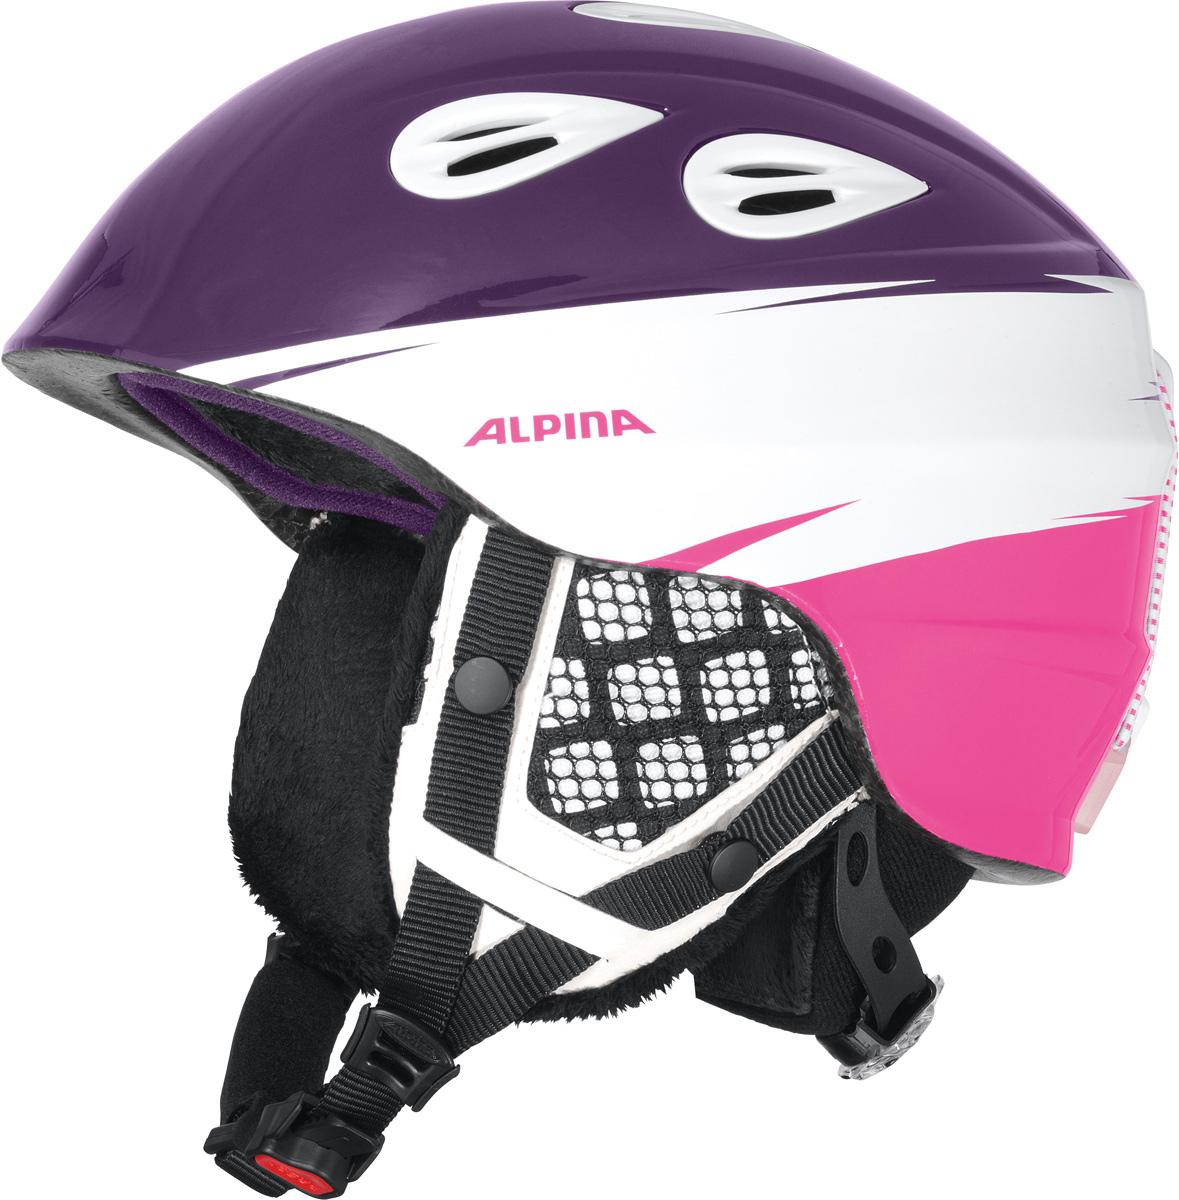 Шлем горнолыжный Alpina Grap 2.0 JR, цвет: розовый, фиолетовый. A9086_56. Размер 51-54A9086_56Детская версия популярнейшего шлема Alpina Grap 2.0, сохранившая все технические преимущества взрослой модели.Технологии:Конструкция In-Mold - соединение внутреннего слоя из EPS (вспененного полистирола) с внешним покрытием под большим давлением в условиях высокой температуры. В результате внешняя поликарбонатная оболочка сохраняет форму конструкции, предотвращая поломку и попадание осколков внутрь шлема, а внутренний слой Hi-EPS, состоящий из множества наполненных воздухом гранул, амортизирует ударную волну, защищая голову райдера от повреждений.Внешнее покрытие Ceramic Shell обеспечивает повышенную ударопрочность и износостойкость, а также обладает защитой от УФ-излучений, препятствующей выгоранию на солнце, и антистатичными свойствами.Съемный внутренний тканевый слой. Подкладку можно постирать и легко вставить обратно. Своевременный уход за внутренником предотвращает появление неприятного запаха.Вентиляционная система с раздвижным механизмом с возможностью регулировки интенсивности потока воздуха.Классическая система регулировки в шлемах Alpina Run System с регулировочным кольцом на затылке позволяет быстро и легко подобрать оптимальную и комфортную плотность посадки на голове.Съемные ушки согревают в холодную погоду, а в теплую компактно хранятся в кармане куртки.Шейный воротник из микрофлиса в задней части шлема быстро согревает и не давит на шею.Ремешок фиксируется кнопкой с запирающим механизмом. Застежка максимально удобна для использования в перчатках.Система Edge Protect в конструкции шлема защищает голову горнолыжника при боковом ударе.Система Y-Clip гарантирует оптимальную посадку с миллиметровой точностью. Y-зажим соединяет два ремешка вместе и удобно фиксирует их под ухом.Съемные элементы позволяют использовать шлем всесезонно.